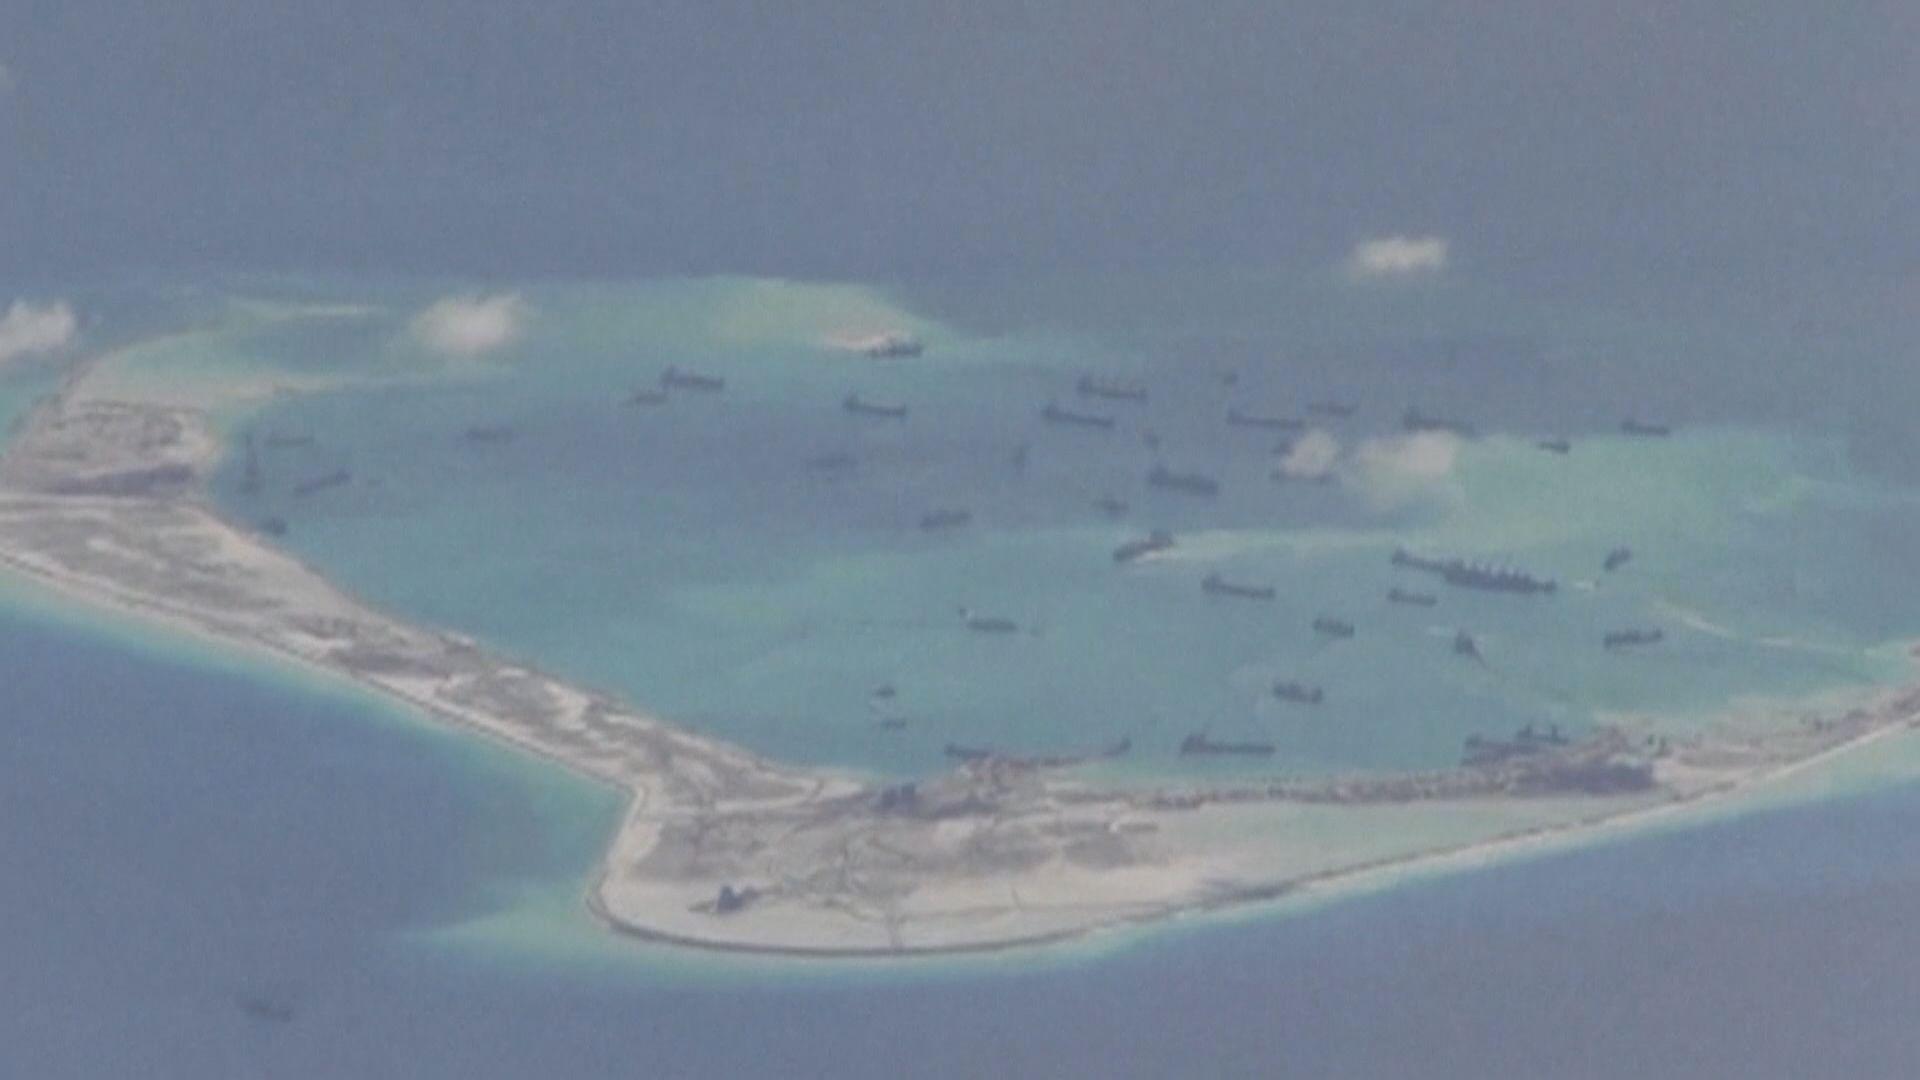 美首指中國南海聲索違法 中批美挑撥與區內國家關係